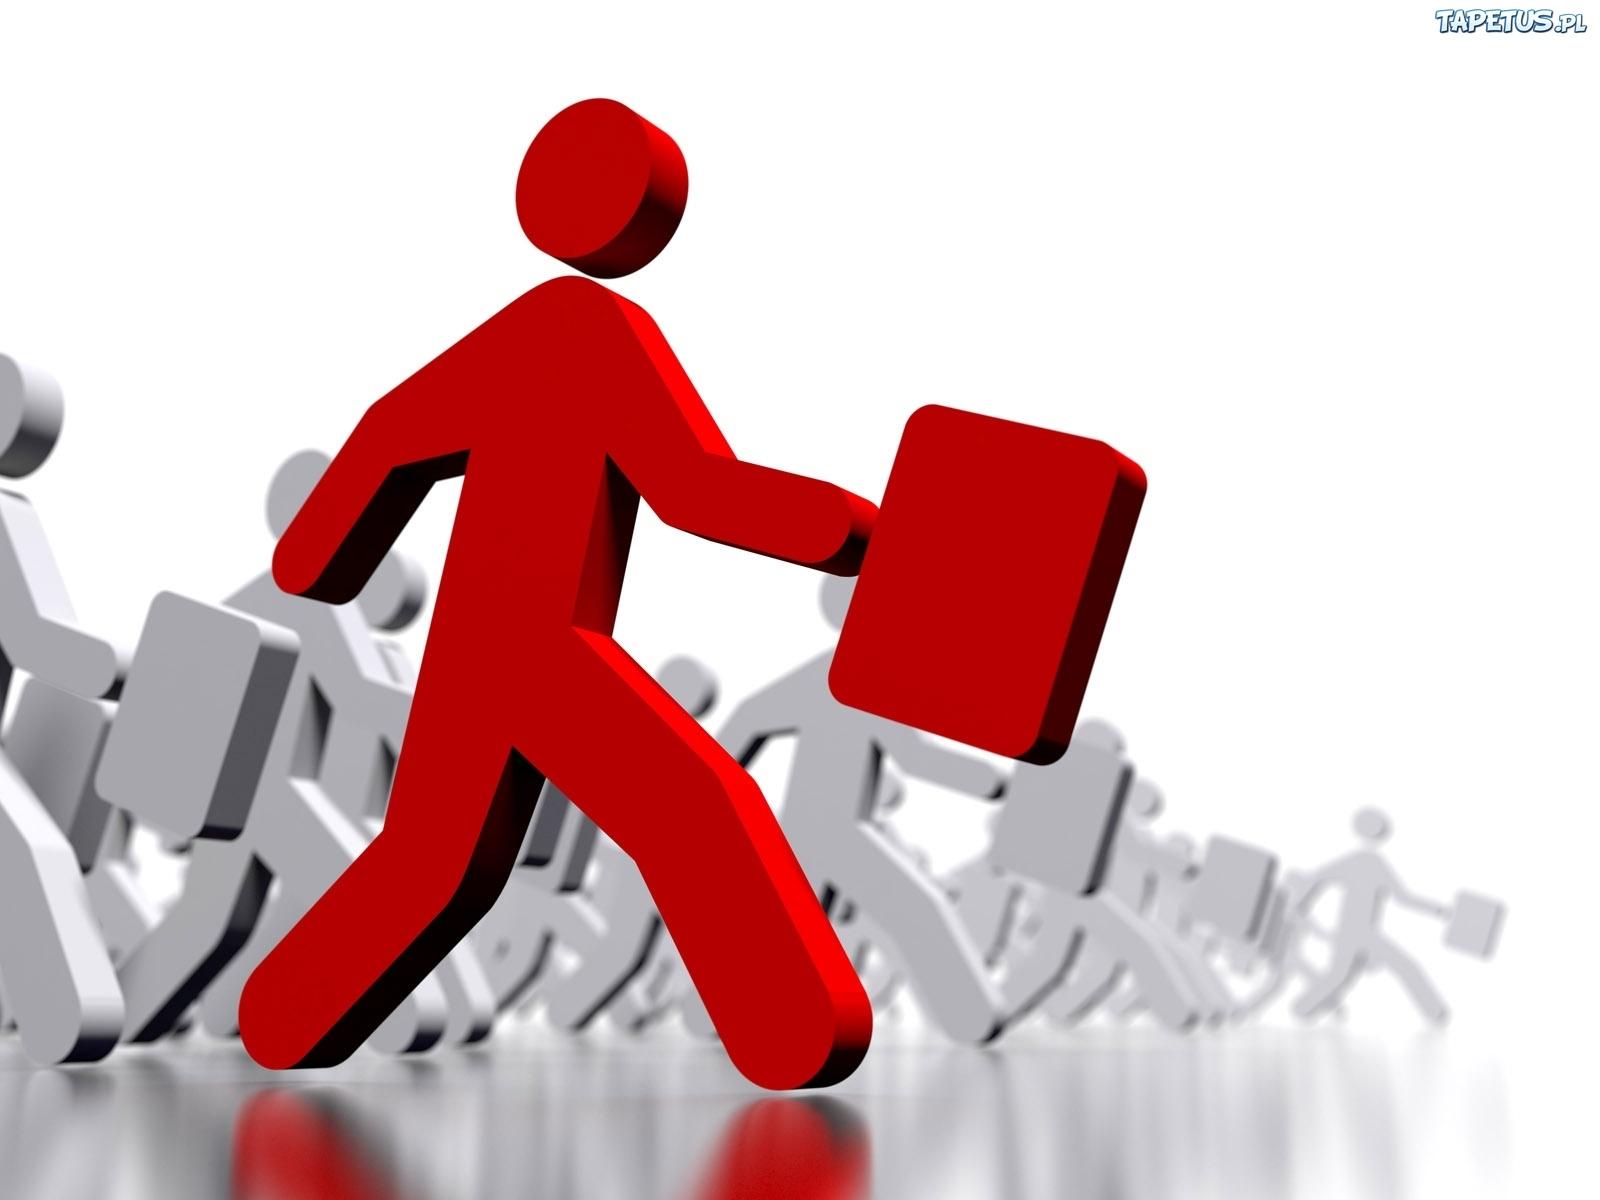 II OGŁOSZENIE O NABORZE NA STANOWISKO Specjalista do spraw koordynowania projektów